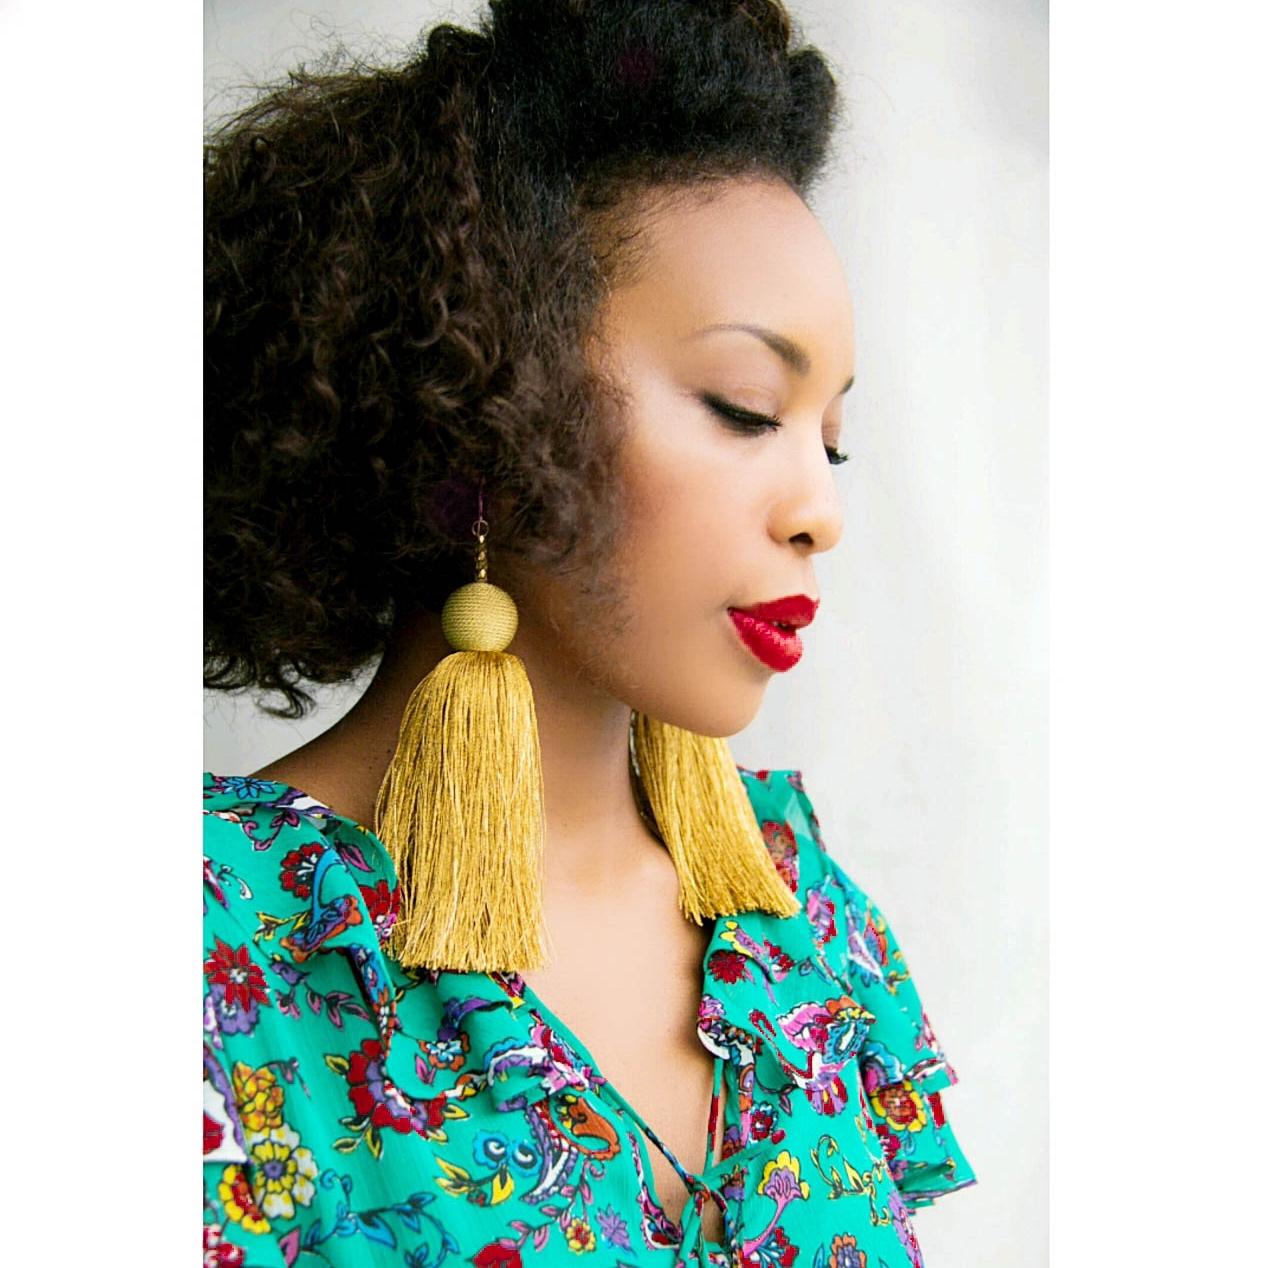 LaToya feels strongest when she is wearing statement earrings and lipstick